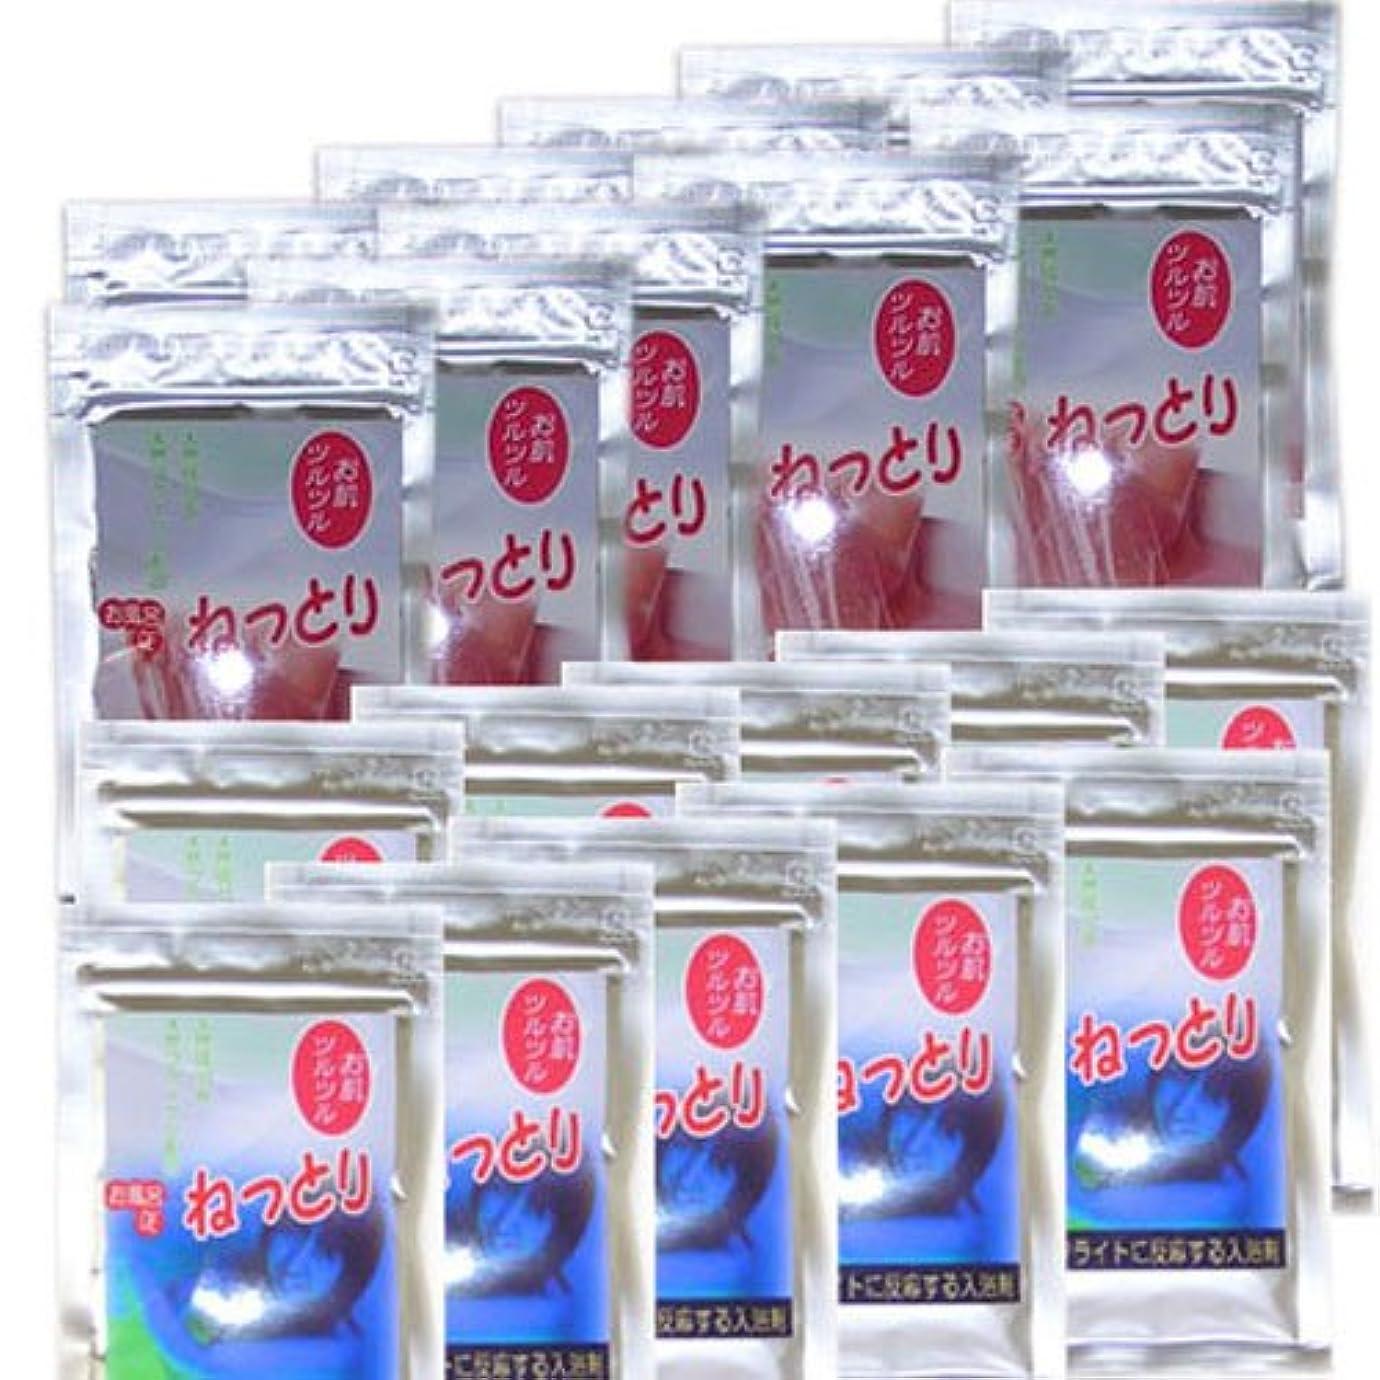 広範囲ドキュメンタリーマンモスローションバス 「お風呂でねっとり」 業務用50g(10個セット) (無香料(ピンク))